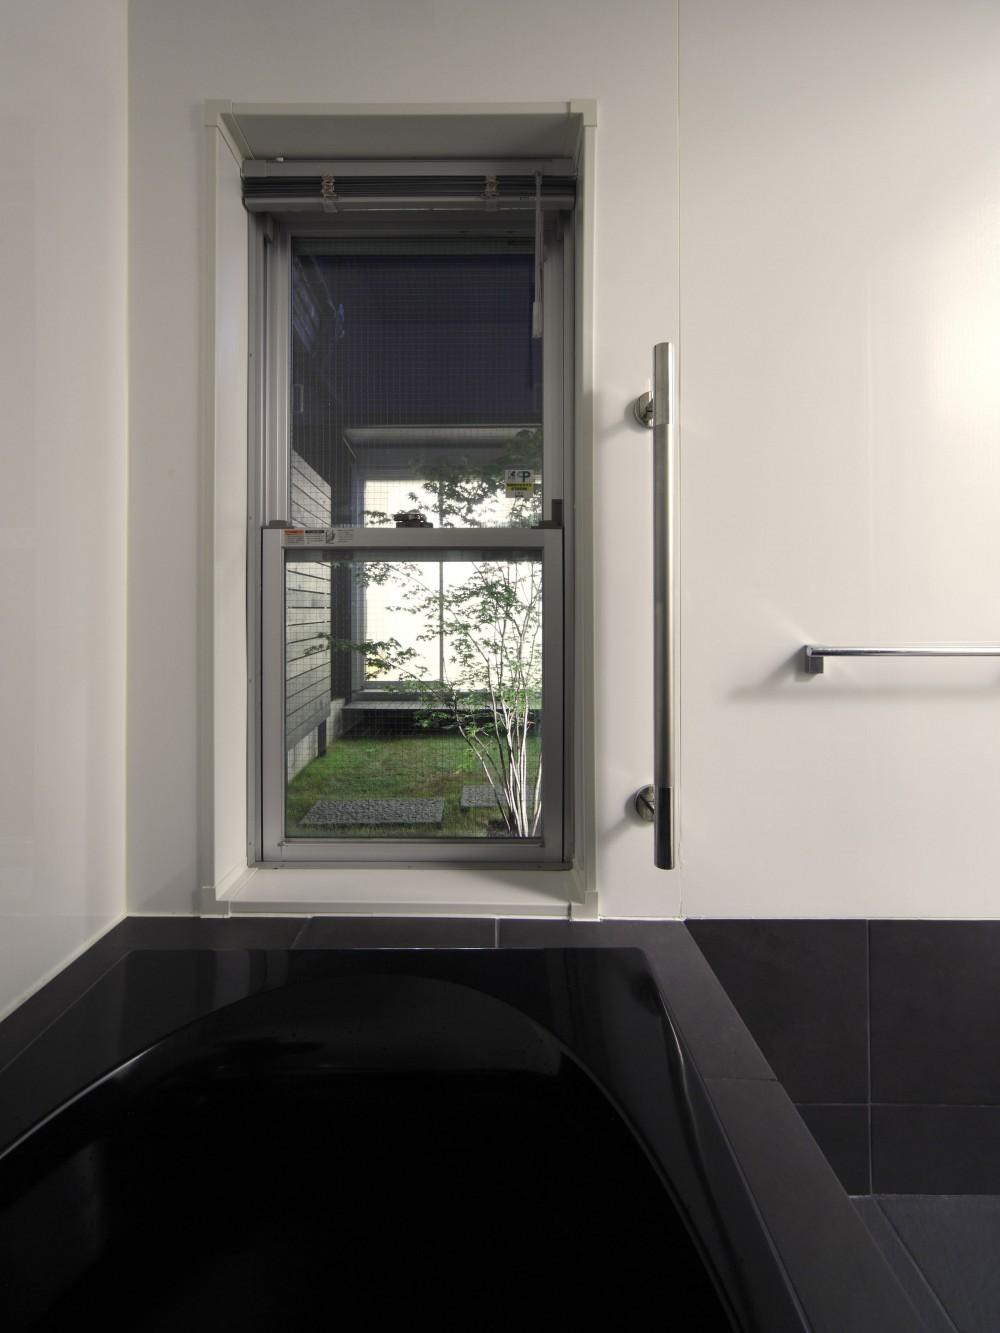 黒壁の家 – 旗竿地に建つF字型プランの家 – (浴室から中庭を見る)